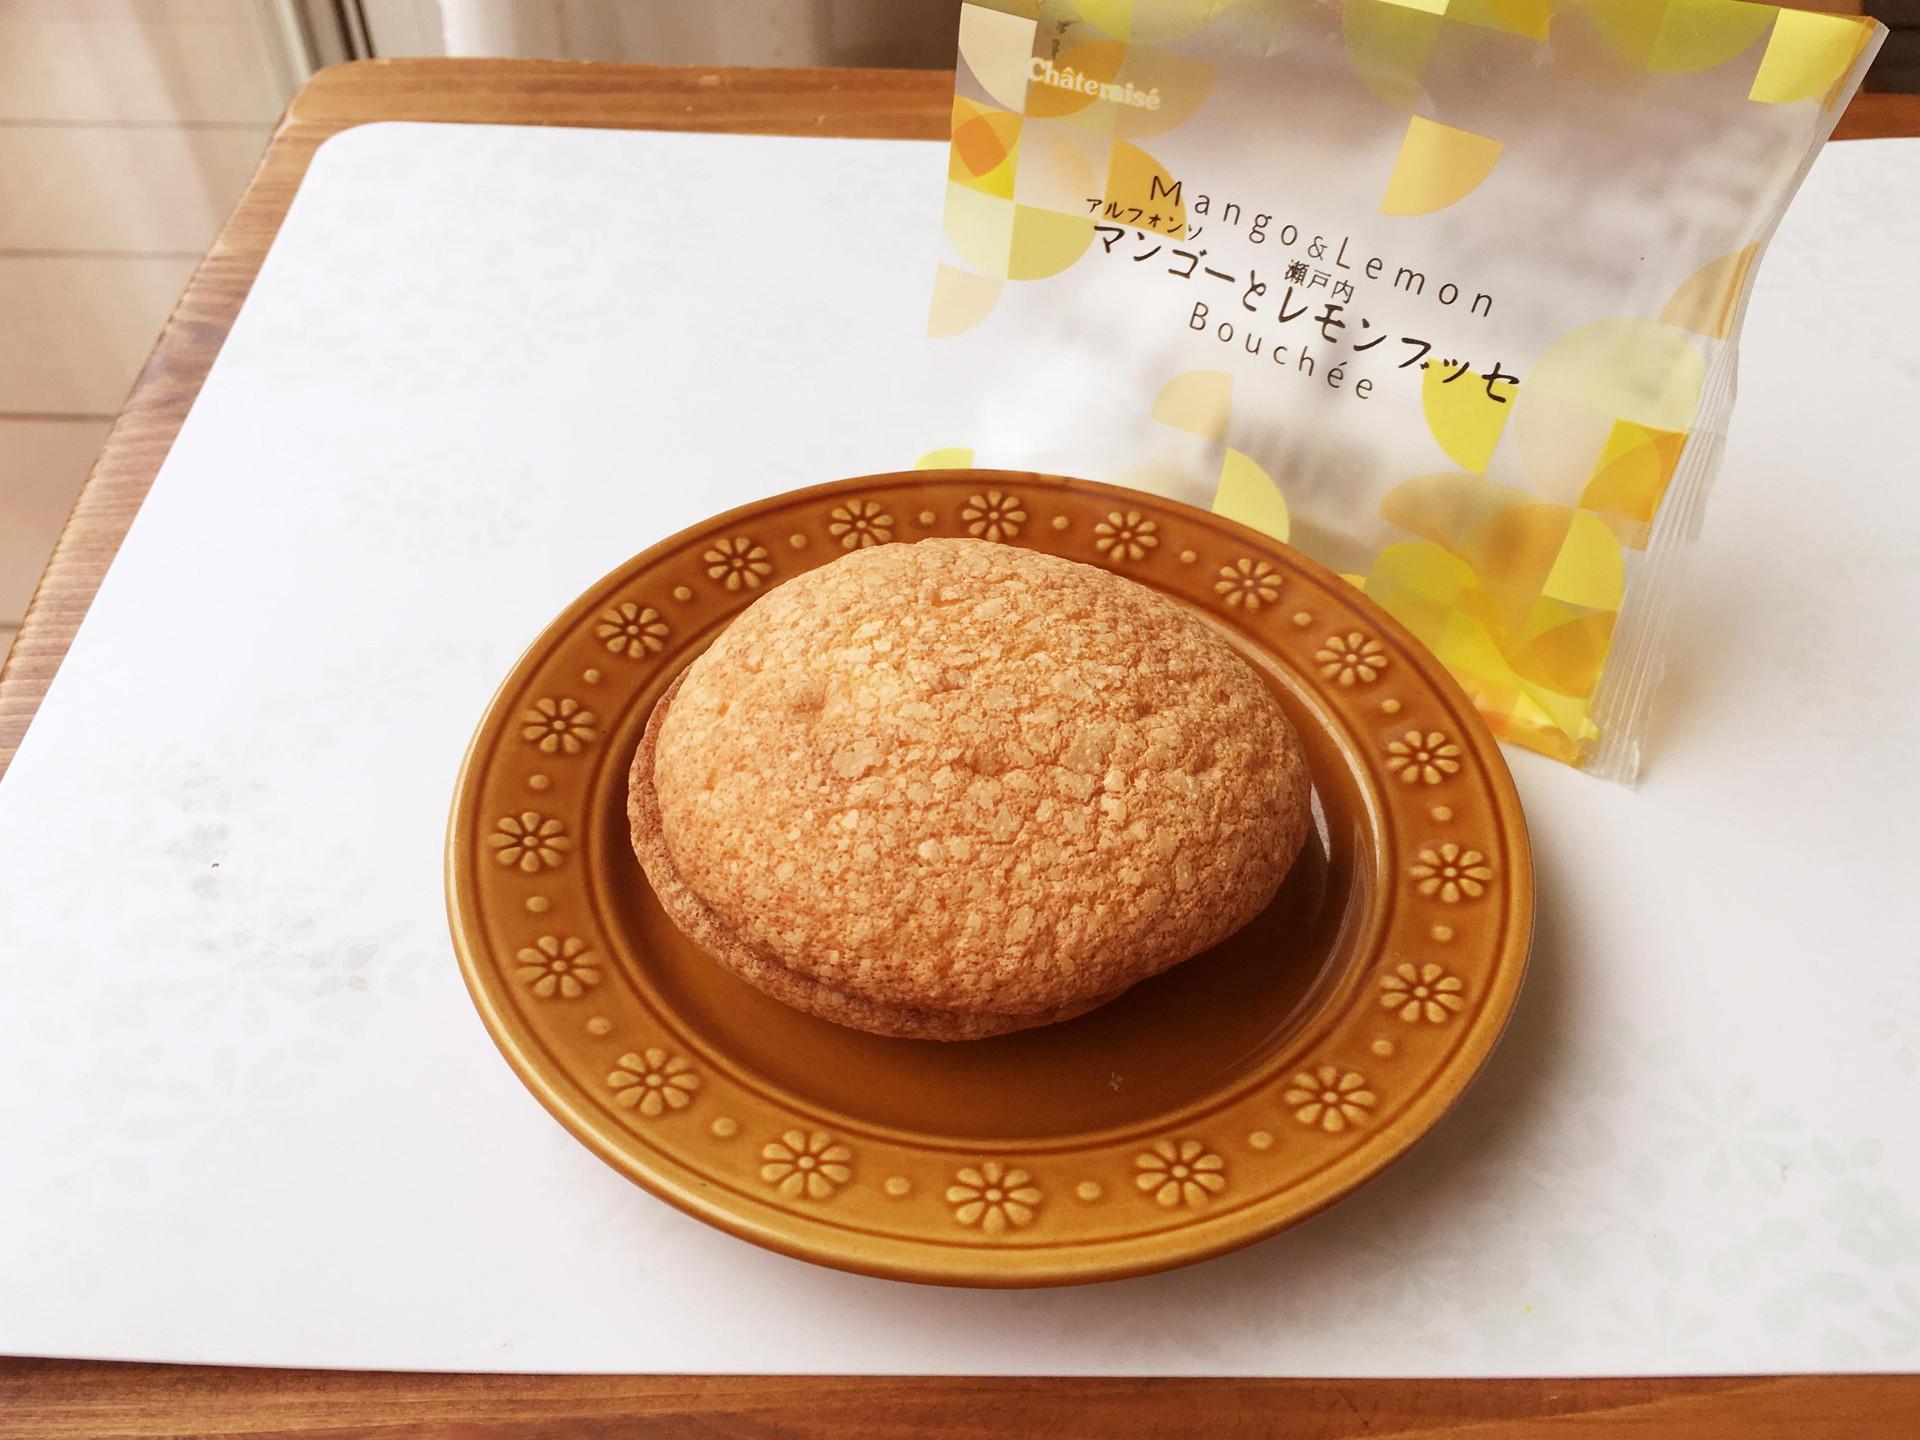 甘酸っぱいブッセで夏を先取り♡実食レポ【シャトレーゼ】マンゴーと瀬戸内レモンブッセ